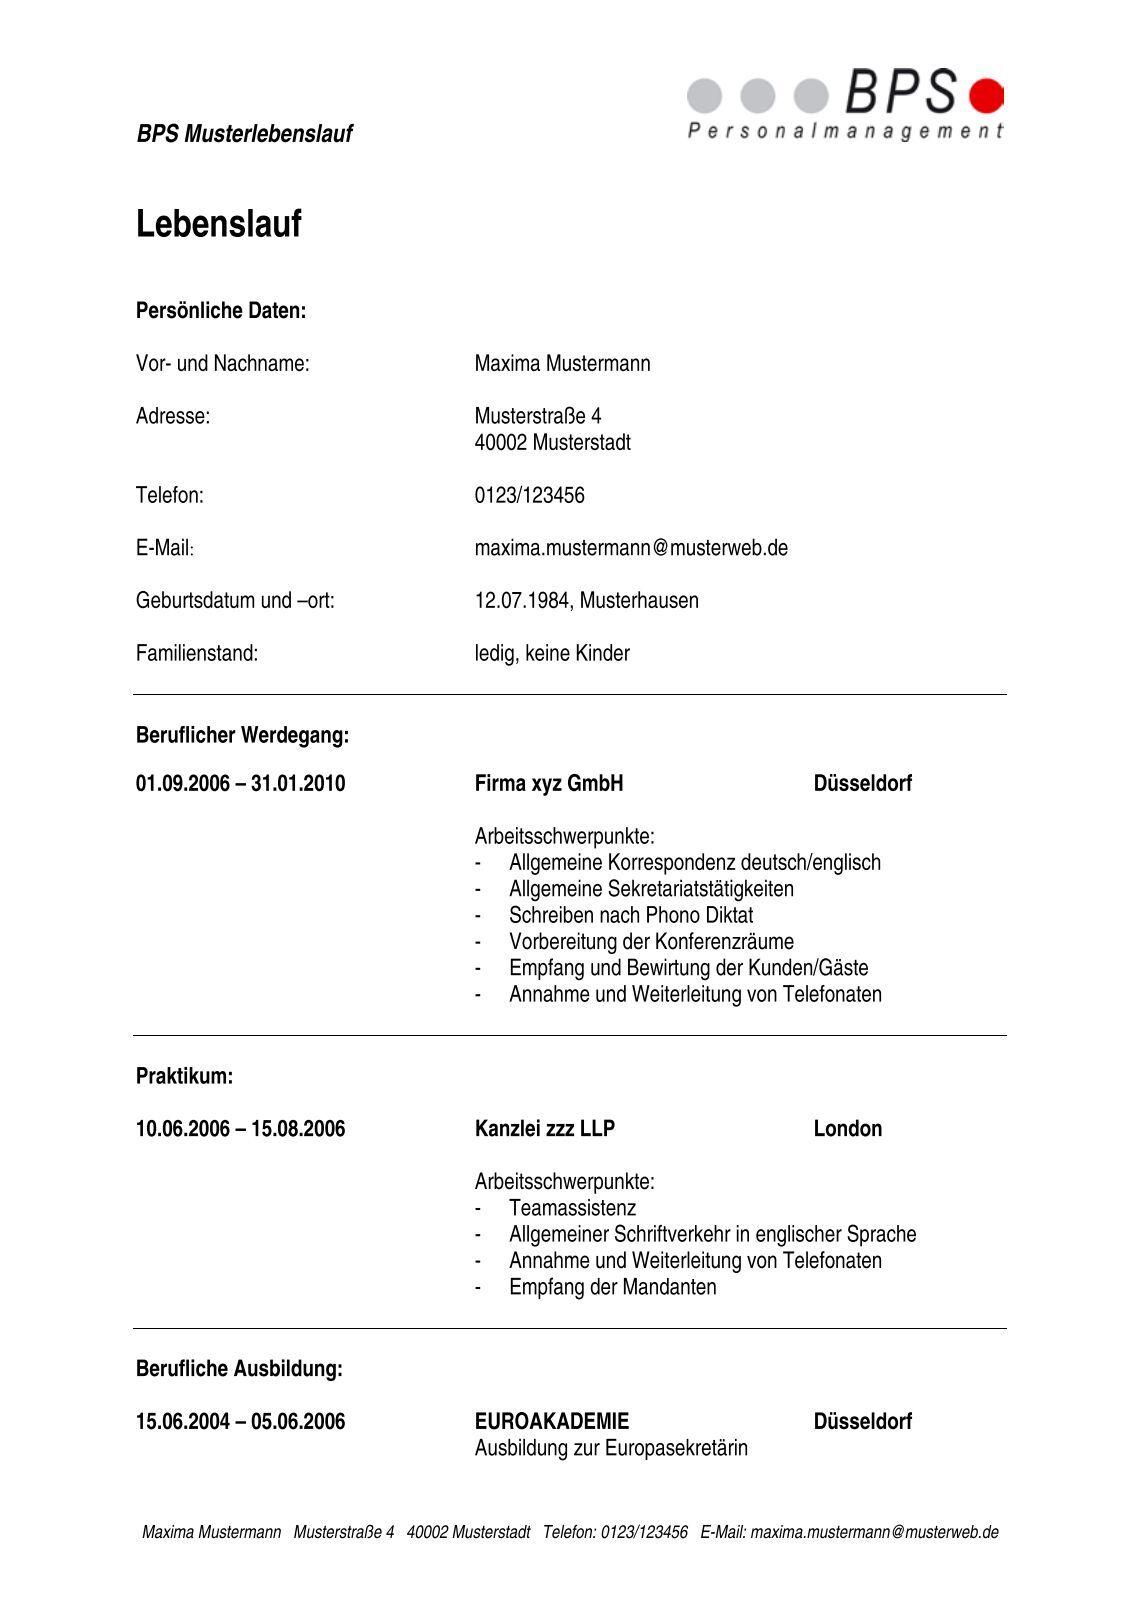 Tolle Arten Von Luft Und Raumfahrttechnik Lebenslauf Bilder - Bilder ...